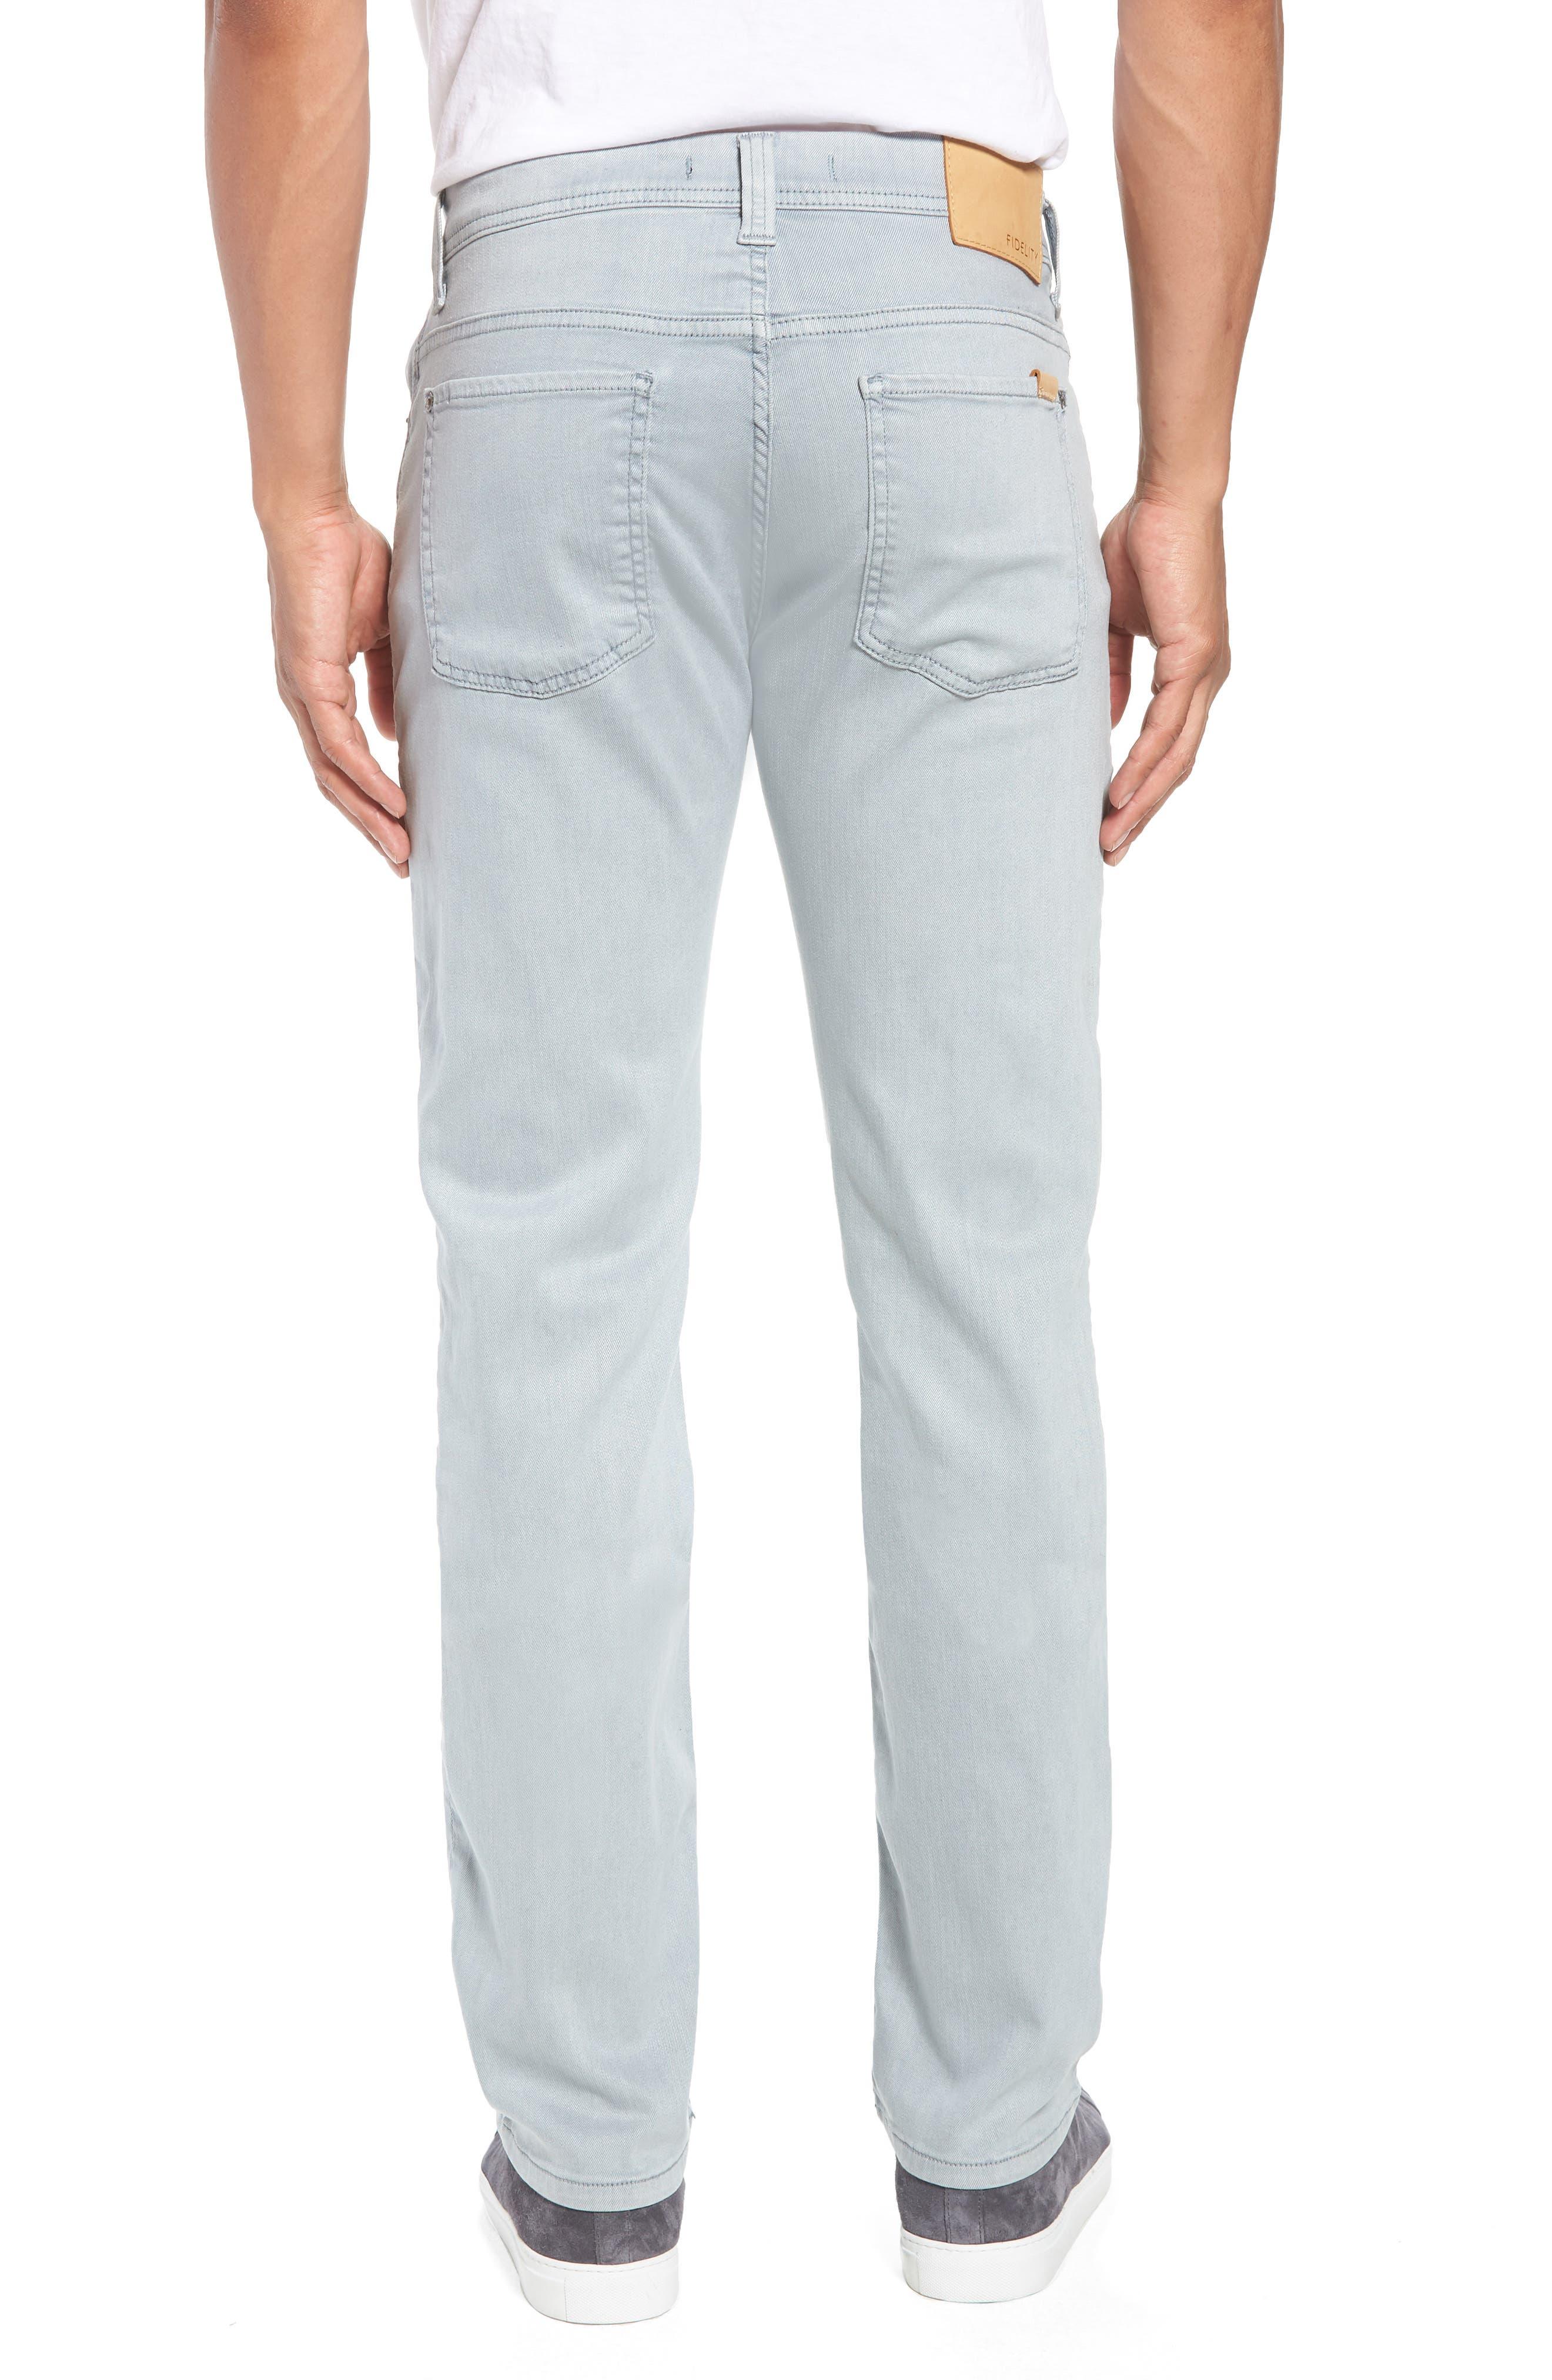 FIDELITY DENIM,                             Fidelity Jimmy Slim Straight Leg Jeans,                             Alternate thumbnail 2, color,                             020